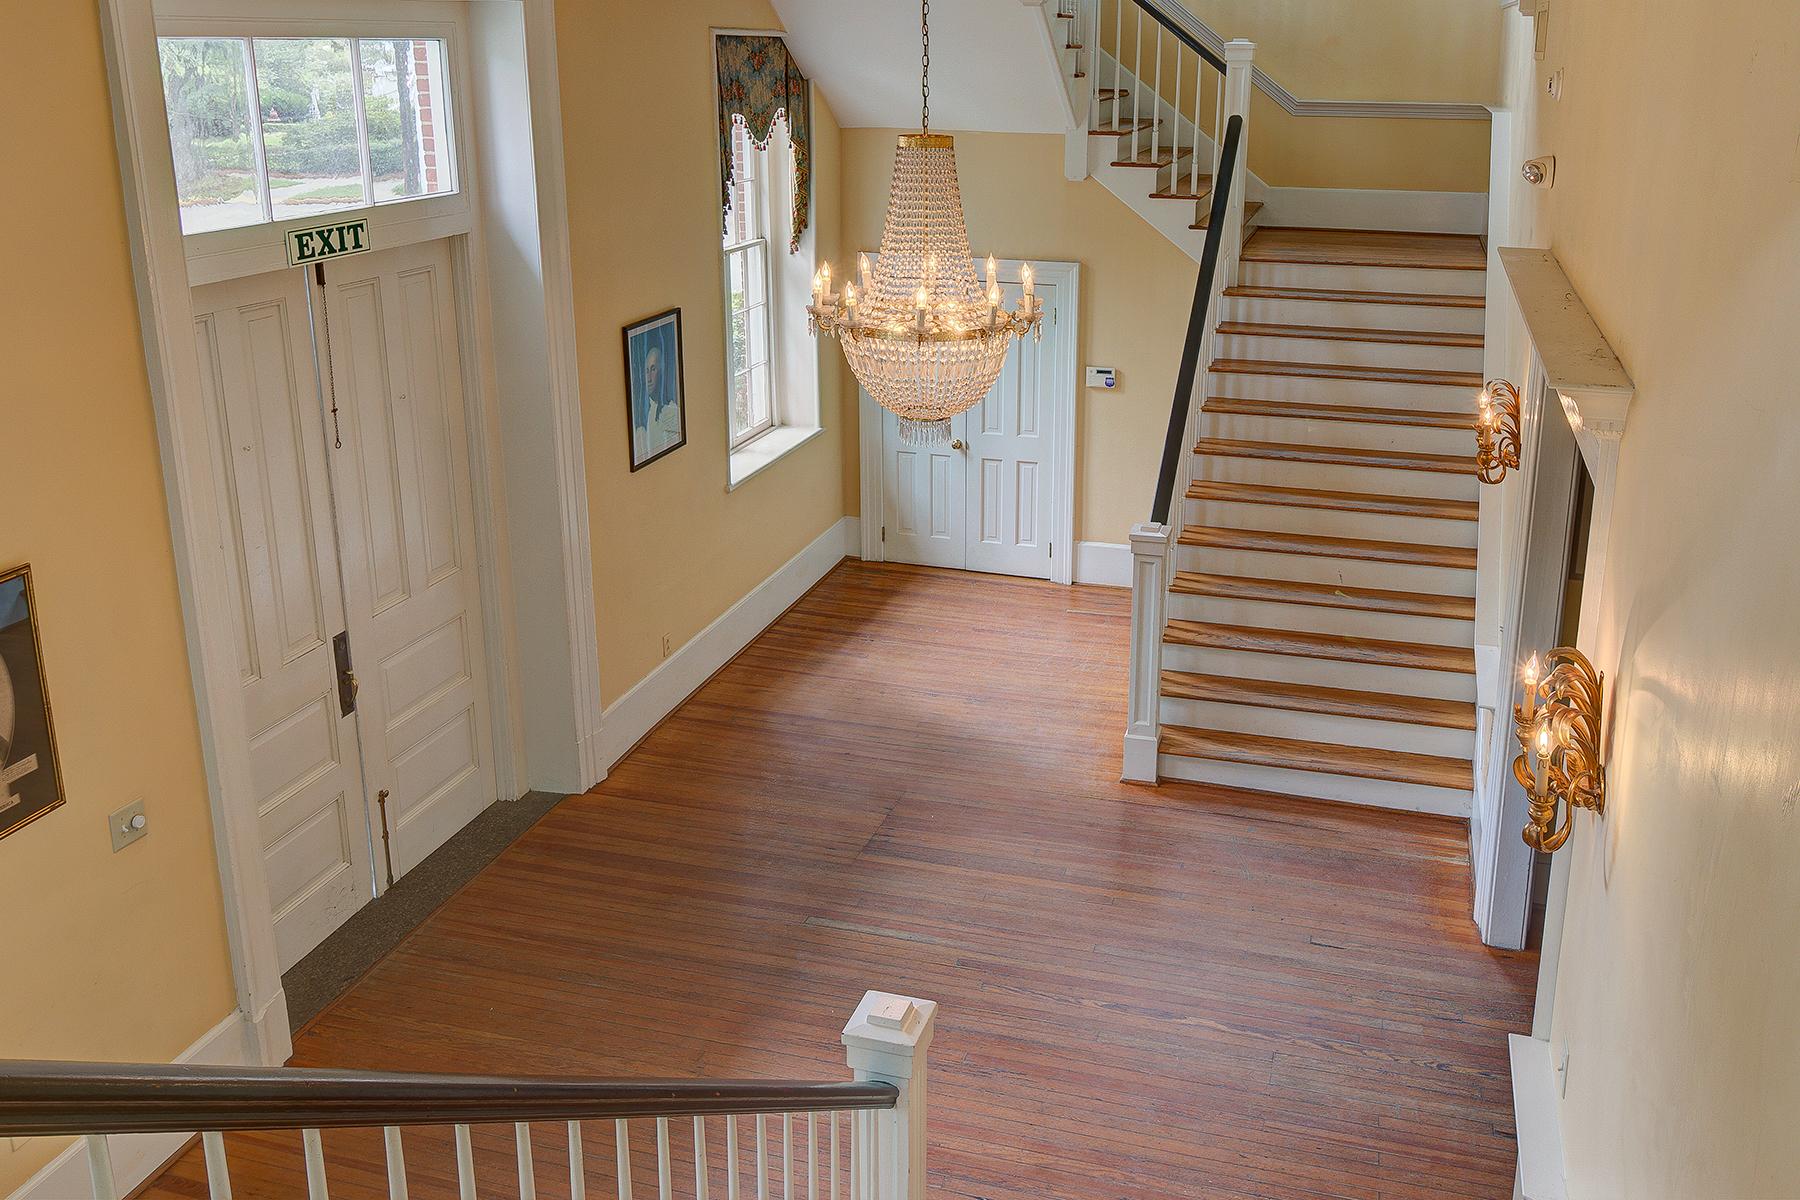 Winyah Indigo Hall - Stairway down to Foyer